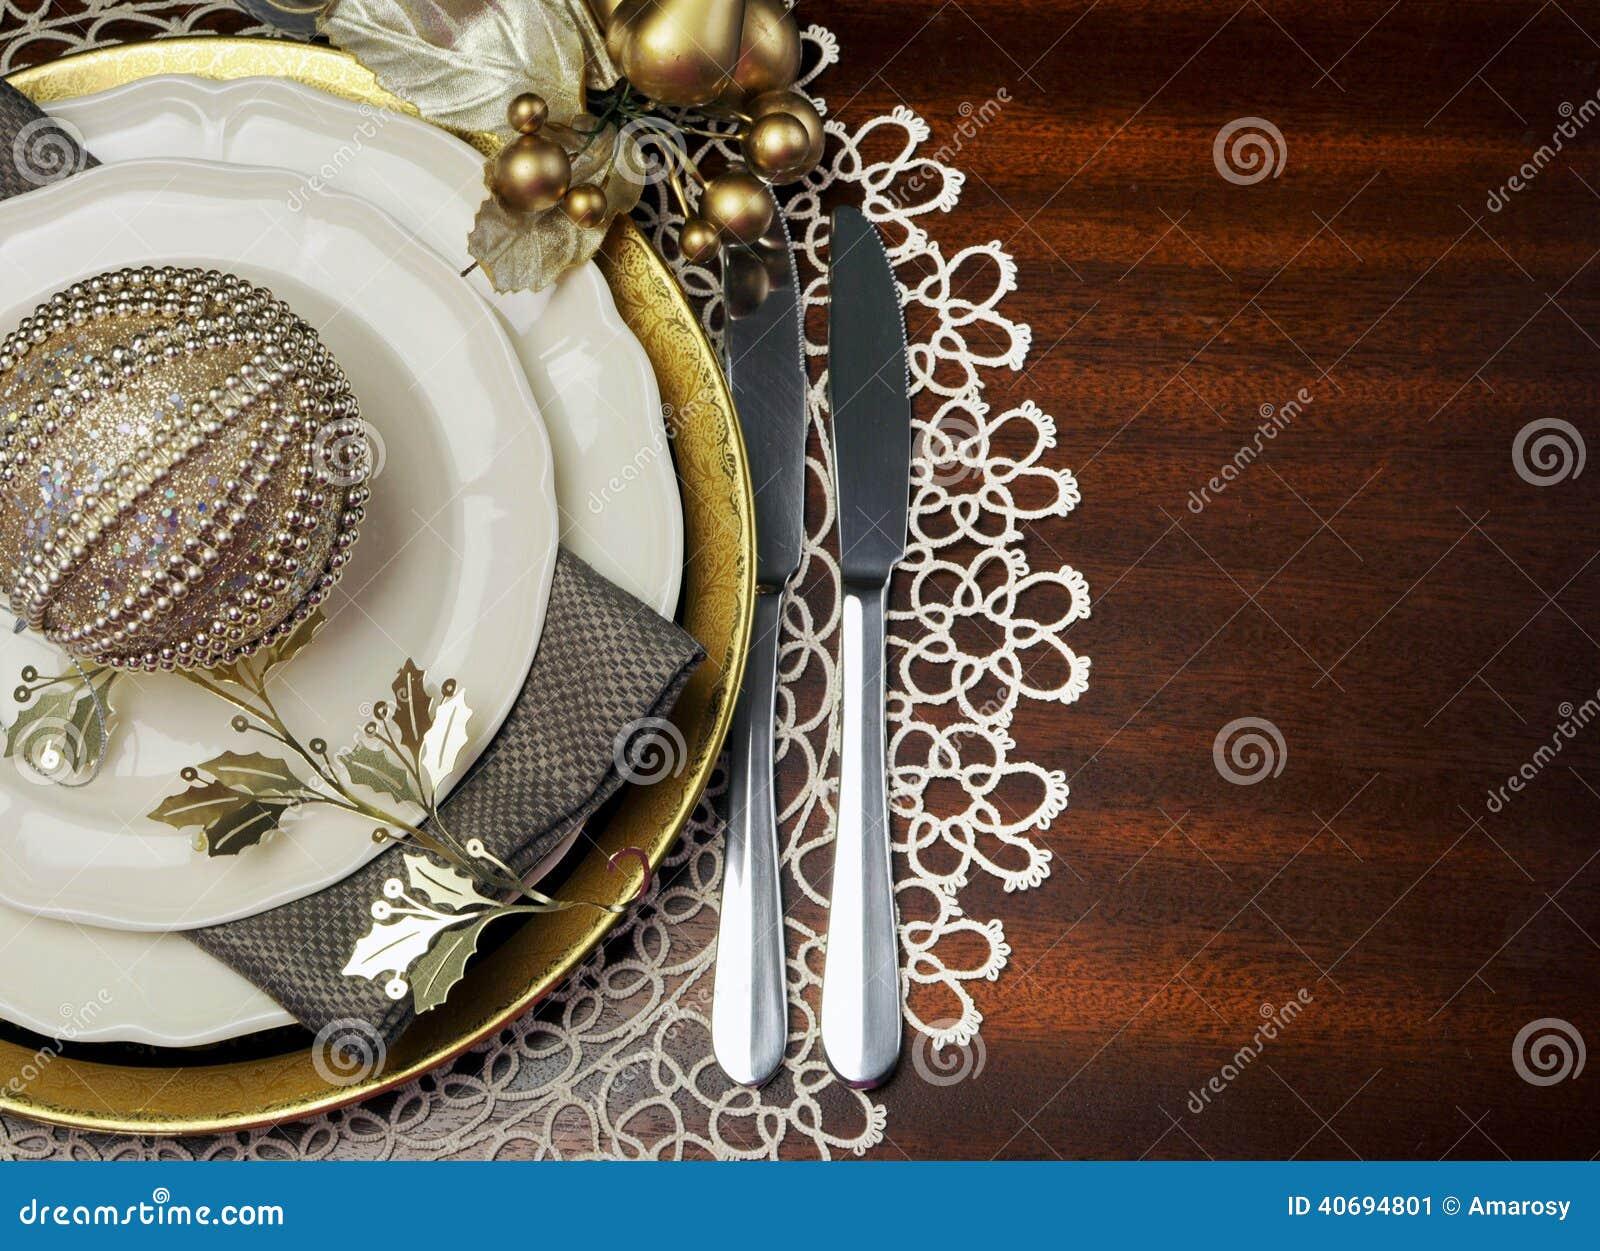 Złocistego kruszcowego tematu obiadowego stołu miejsca Bożenarodzeniowy formalny położenie z kopii przestrzenią